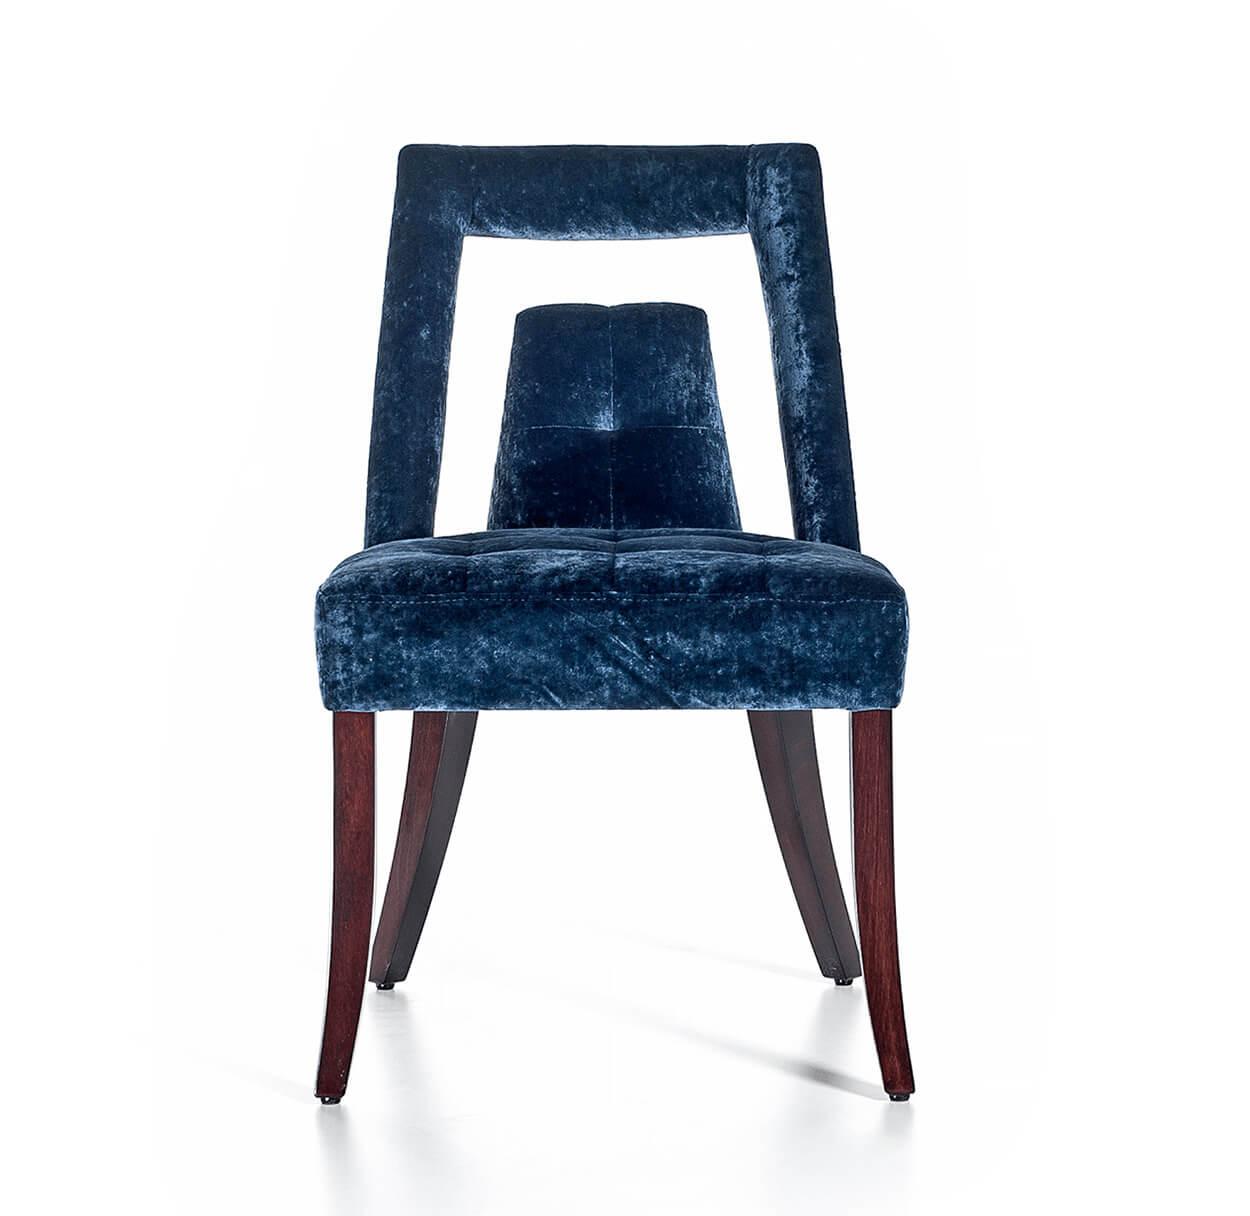 La Mia - Eetkamerstoelen Mulleman meubelen